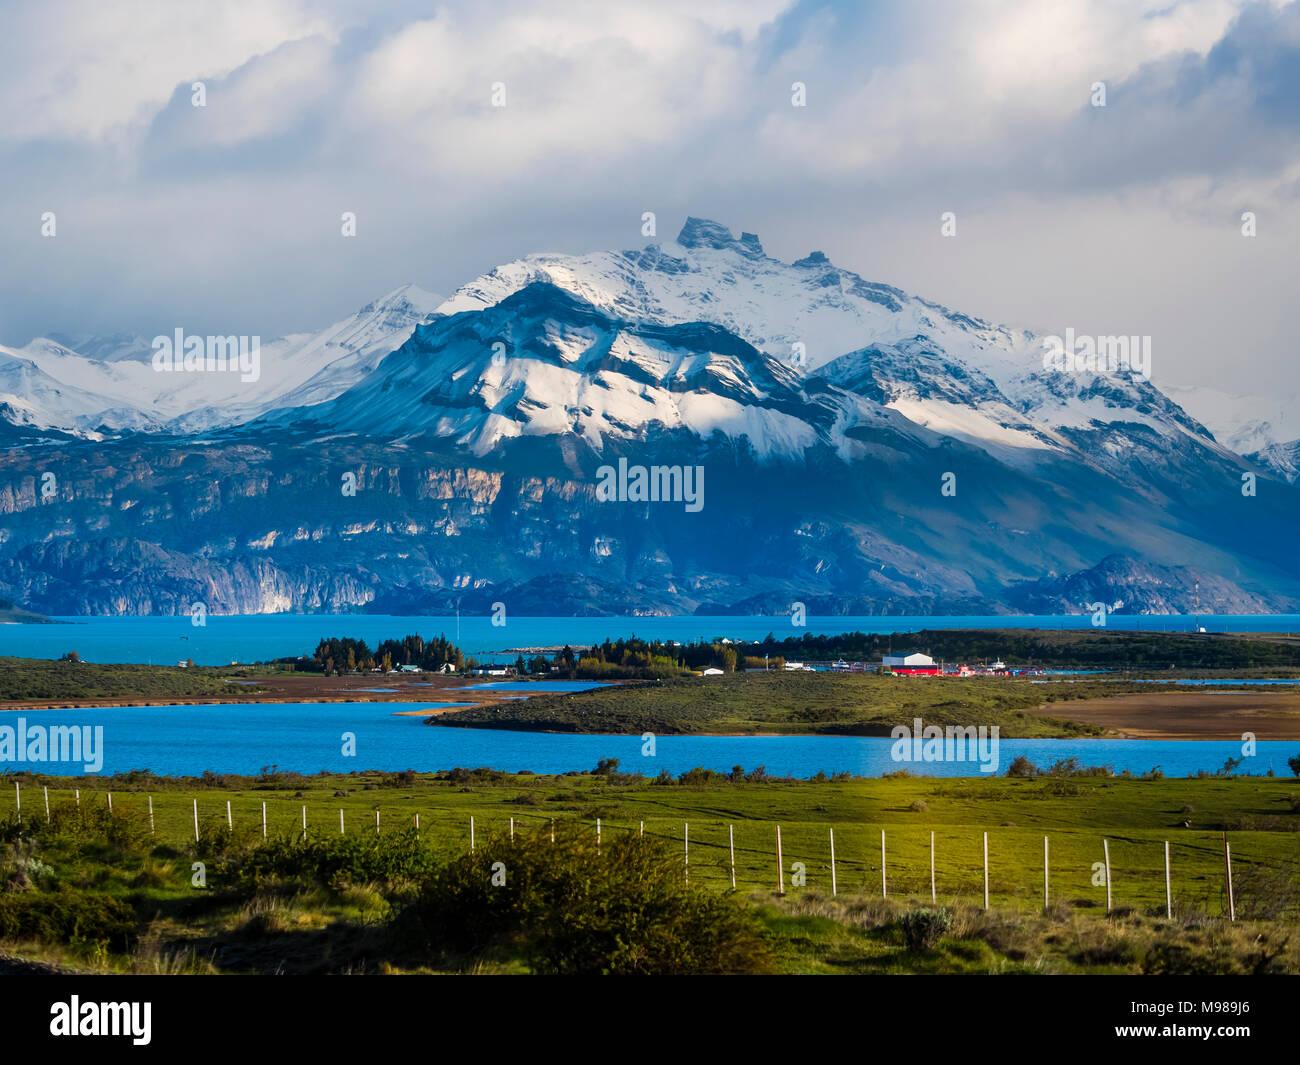 Argentina, Patagonia, El Calafate, Provincia de Santa Cruz, Puerto Bandera, Lago Argentino Imagen De Stock